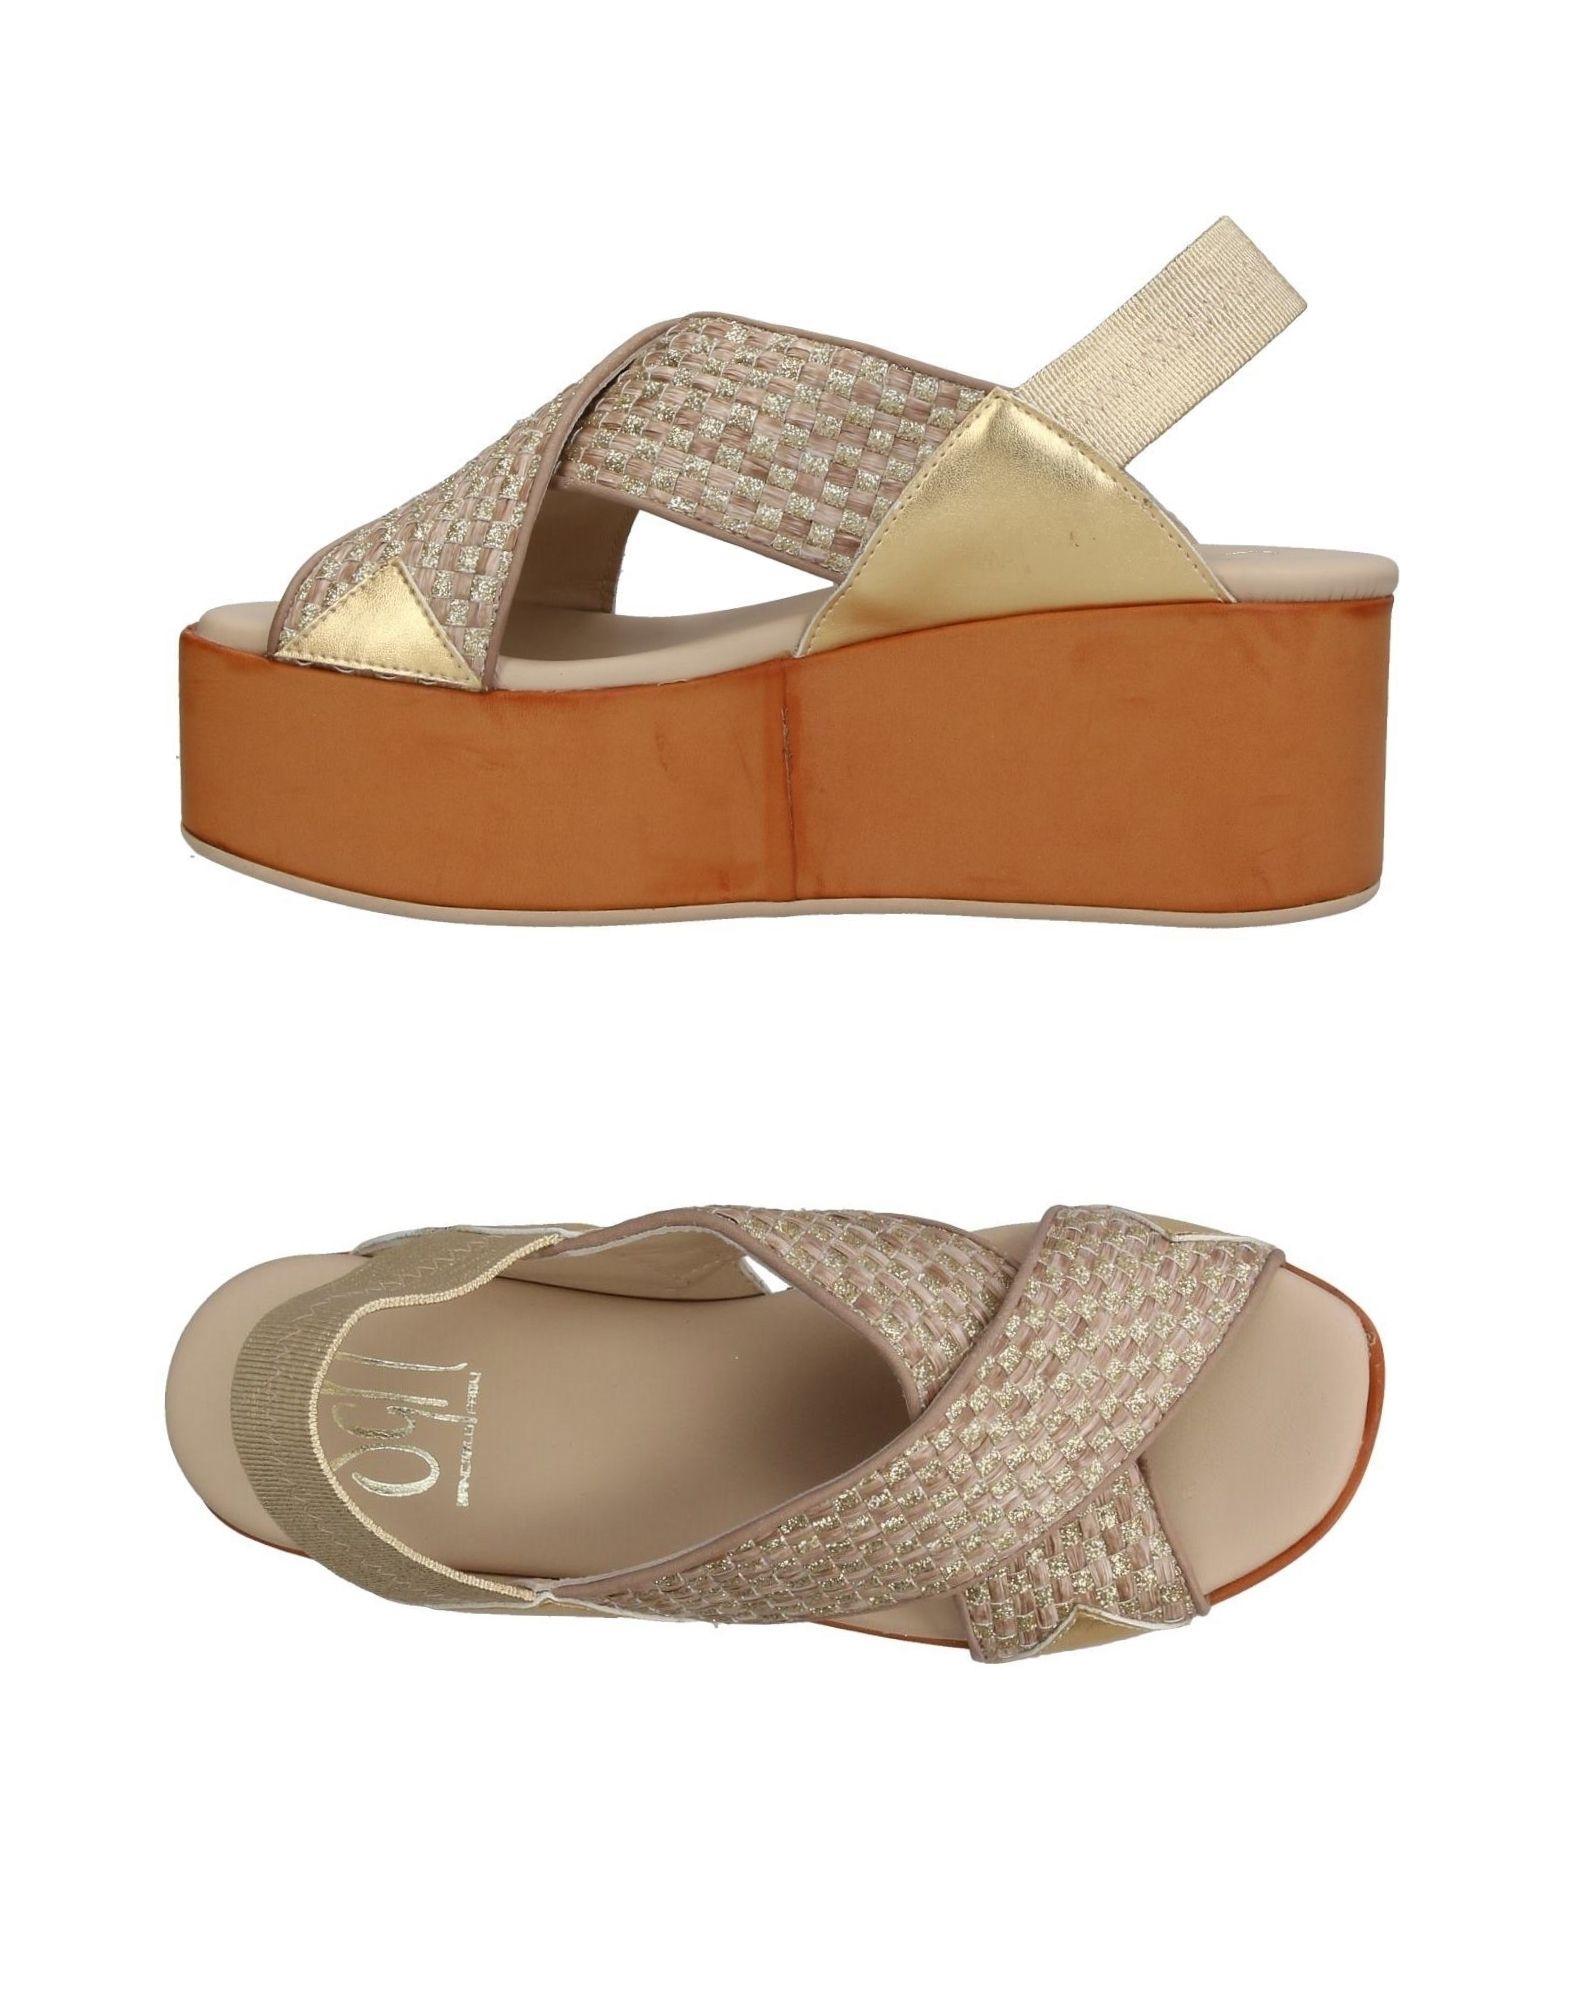 Sgn Giancarlo Paoli Sandalen Damen  11336945CO Gute Qualität beliebte Schuhe